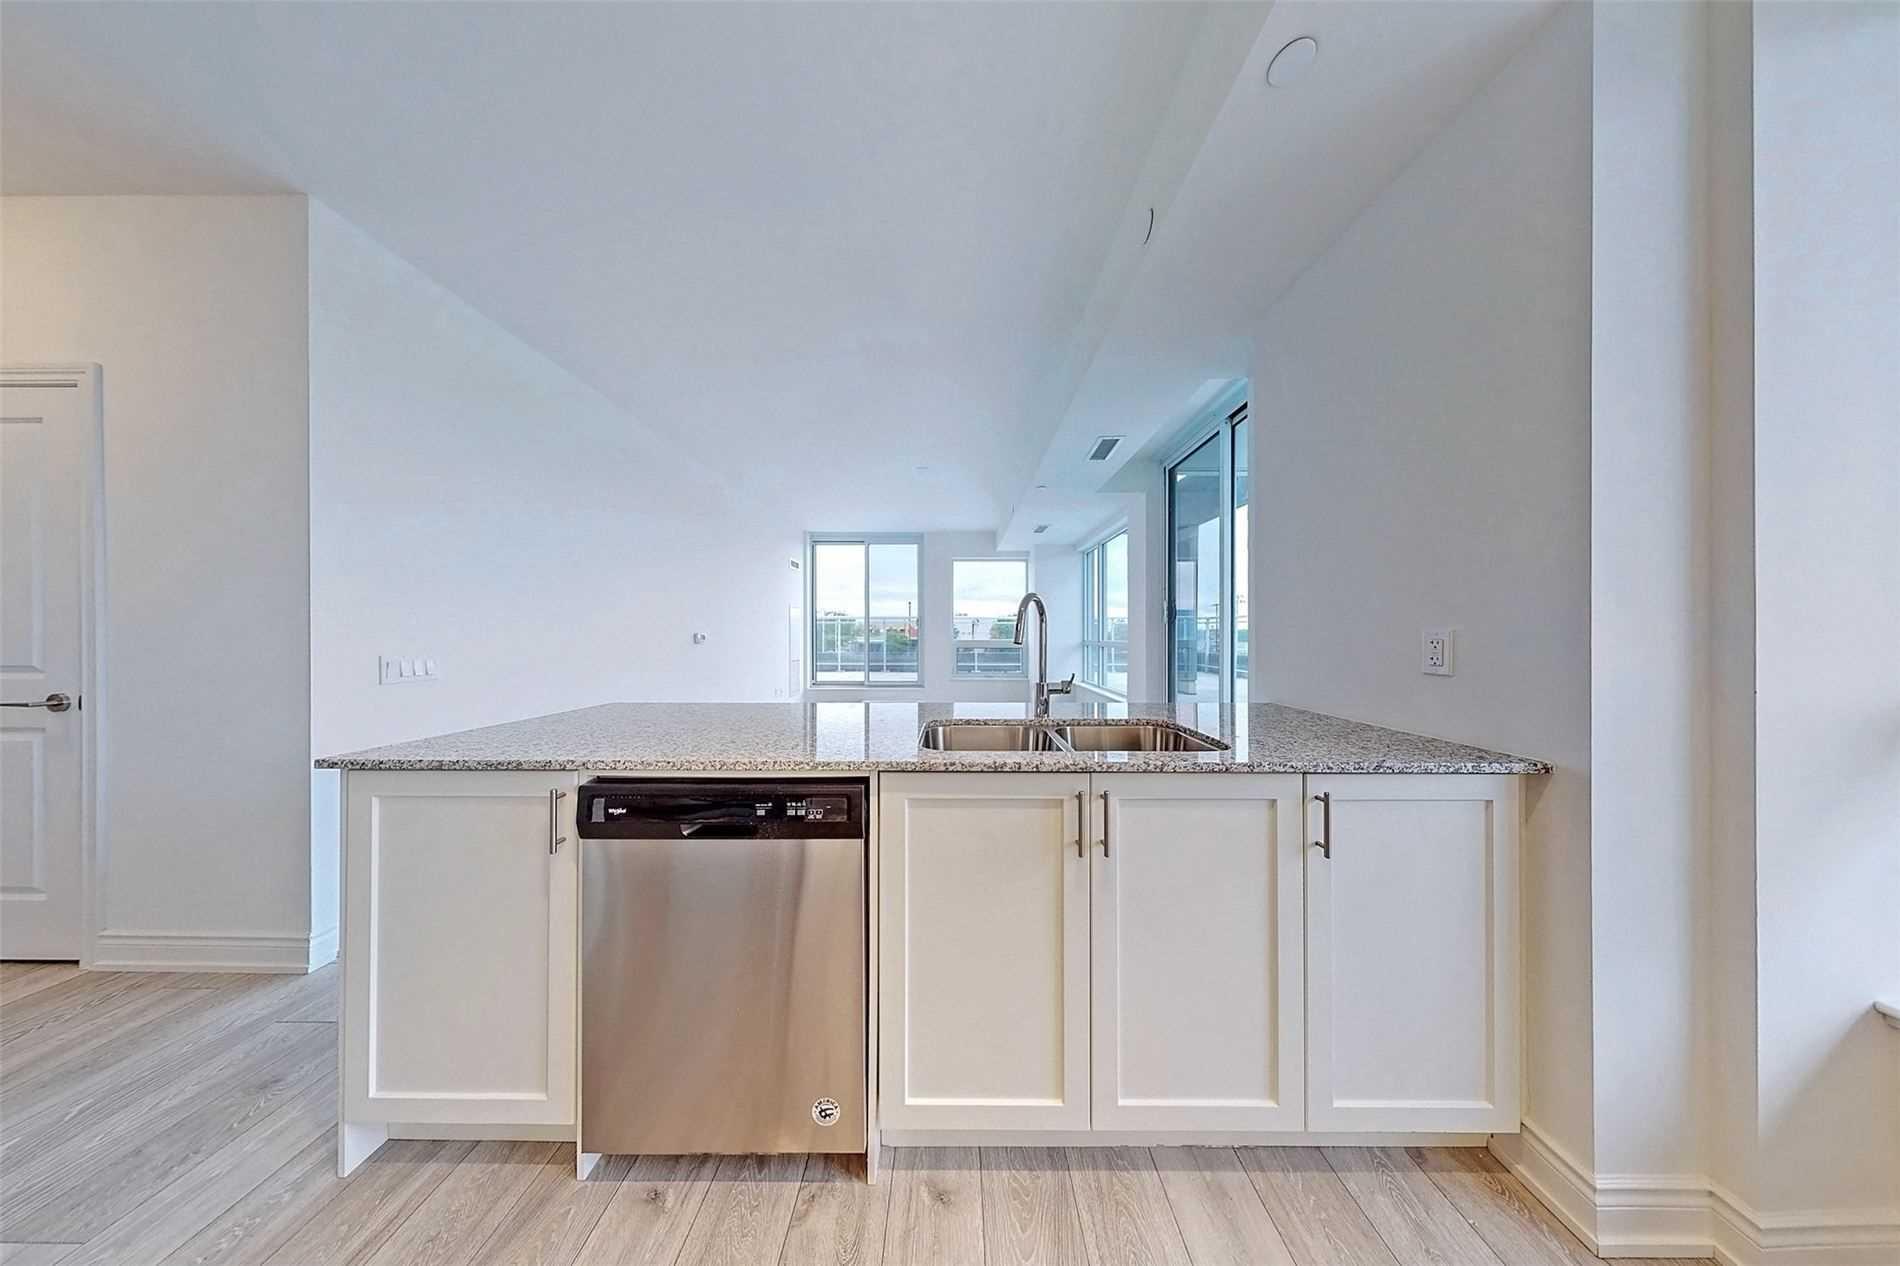 221 - 1050 Main St E - Dempsey Condo Apt for sale, 3 Bedrooms (W5398557) - #18